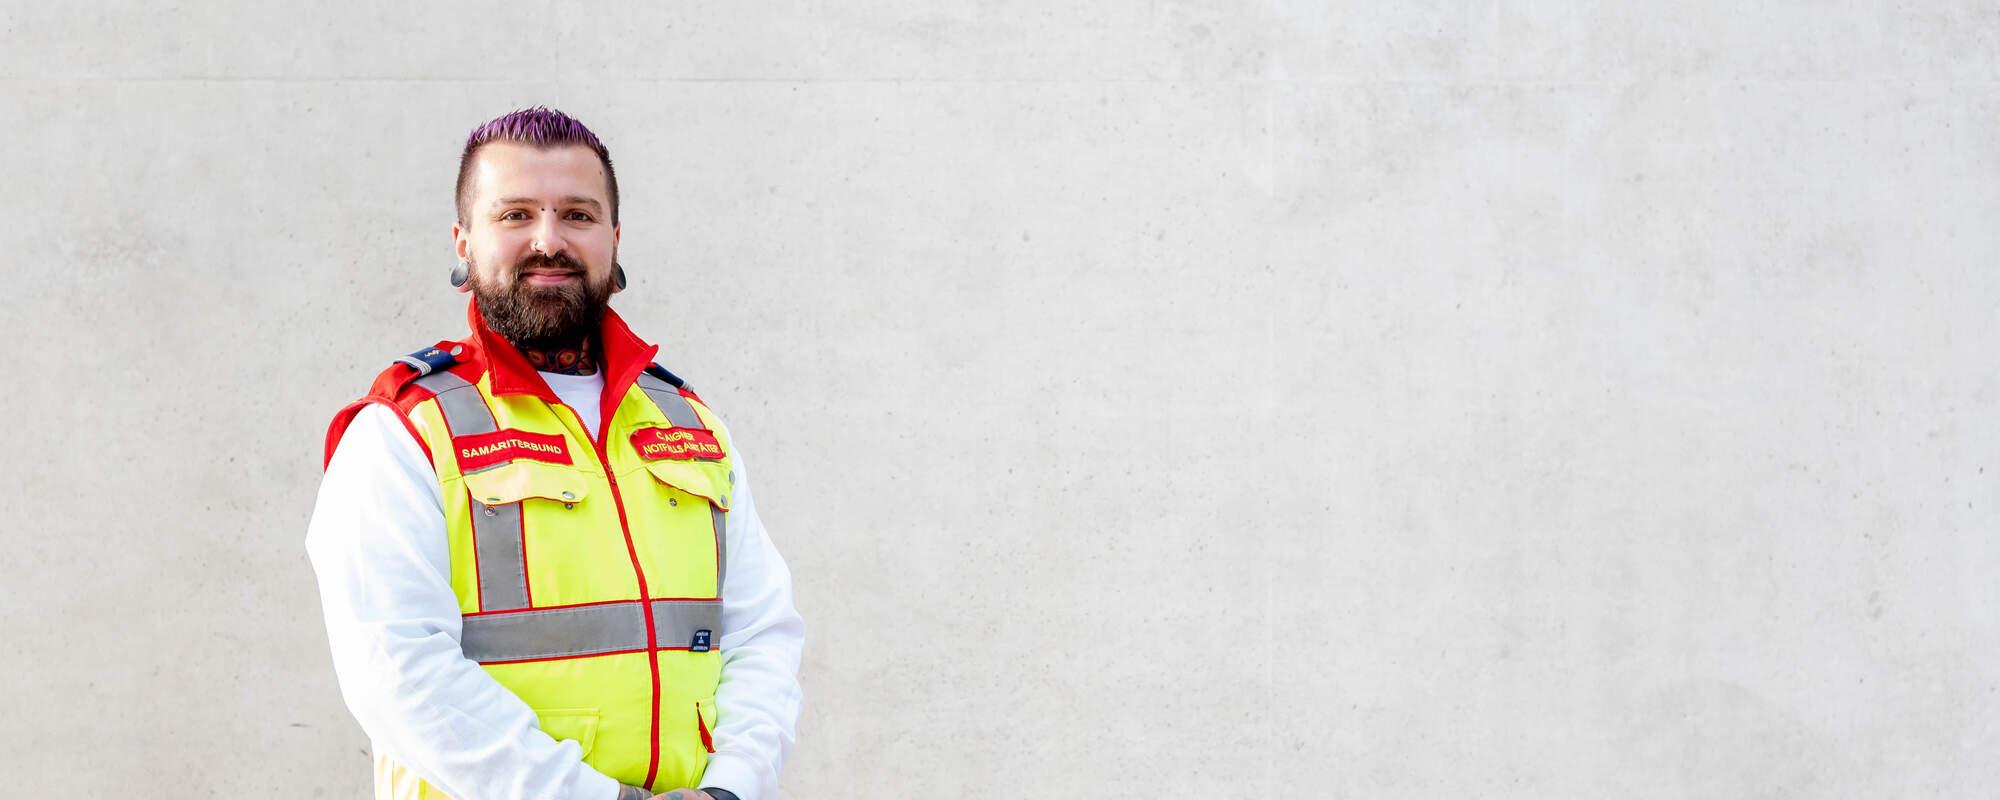 """""""Als Notfallsanitäter helfen – diese Tätigkeit macht mir Spaß, weil ich für Menschen da sein kann und mir der Zusammenhalt von uns Freiwilligen gefällt!""""  Christoph, 30 Jahre"""